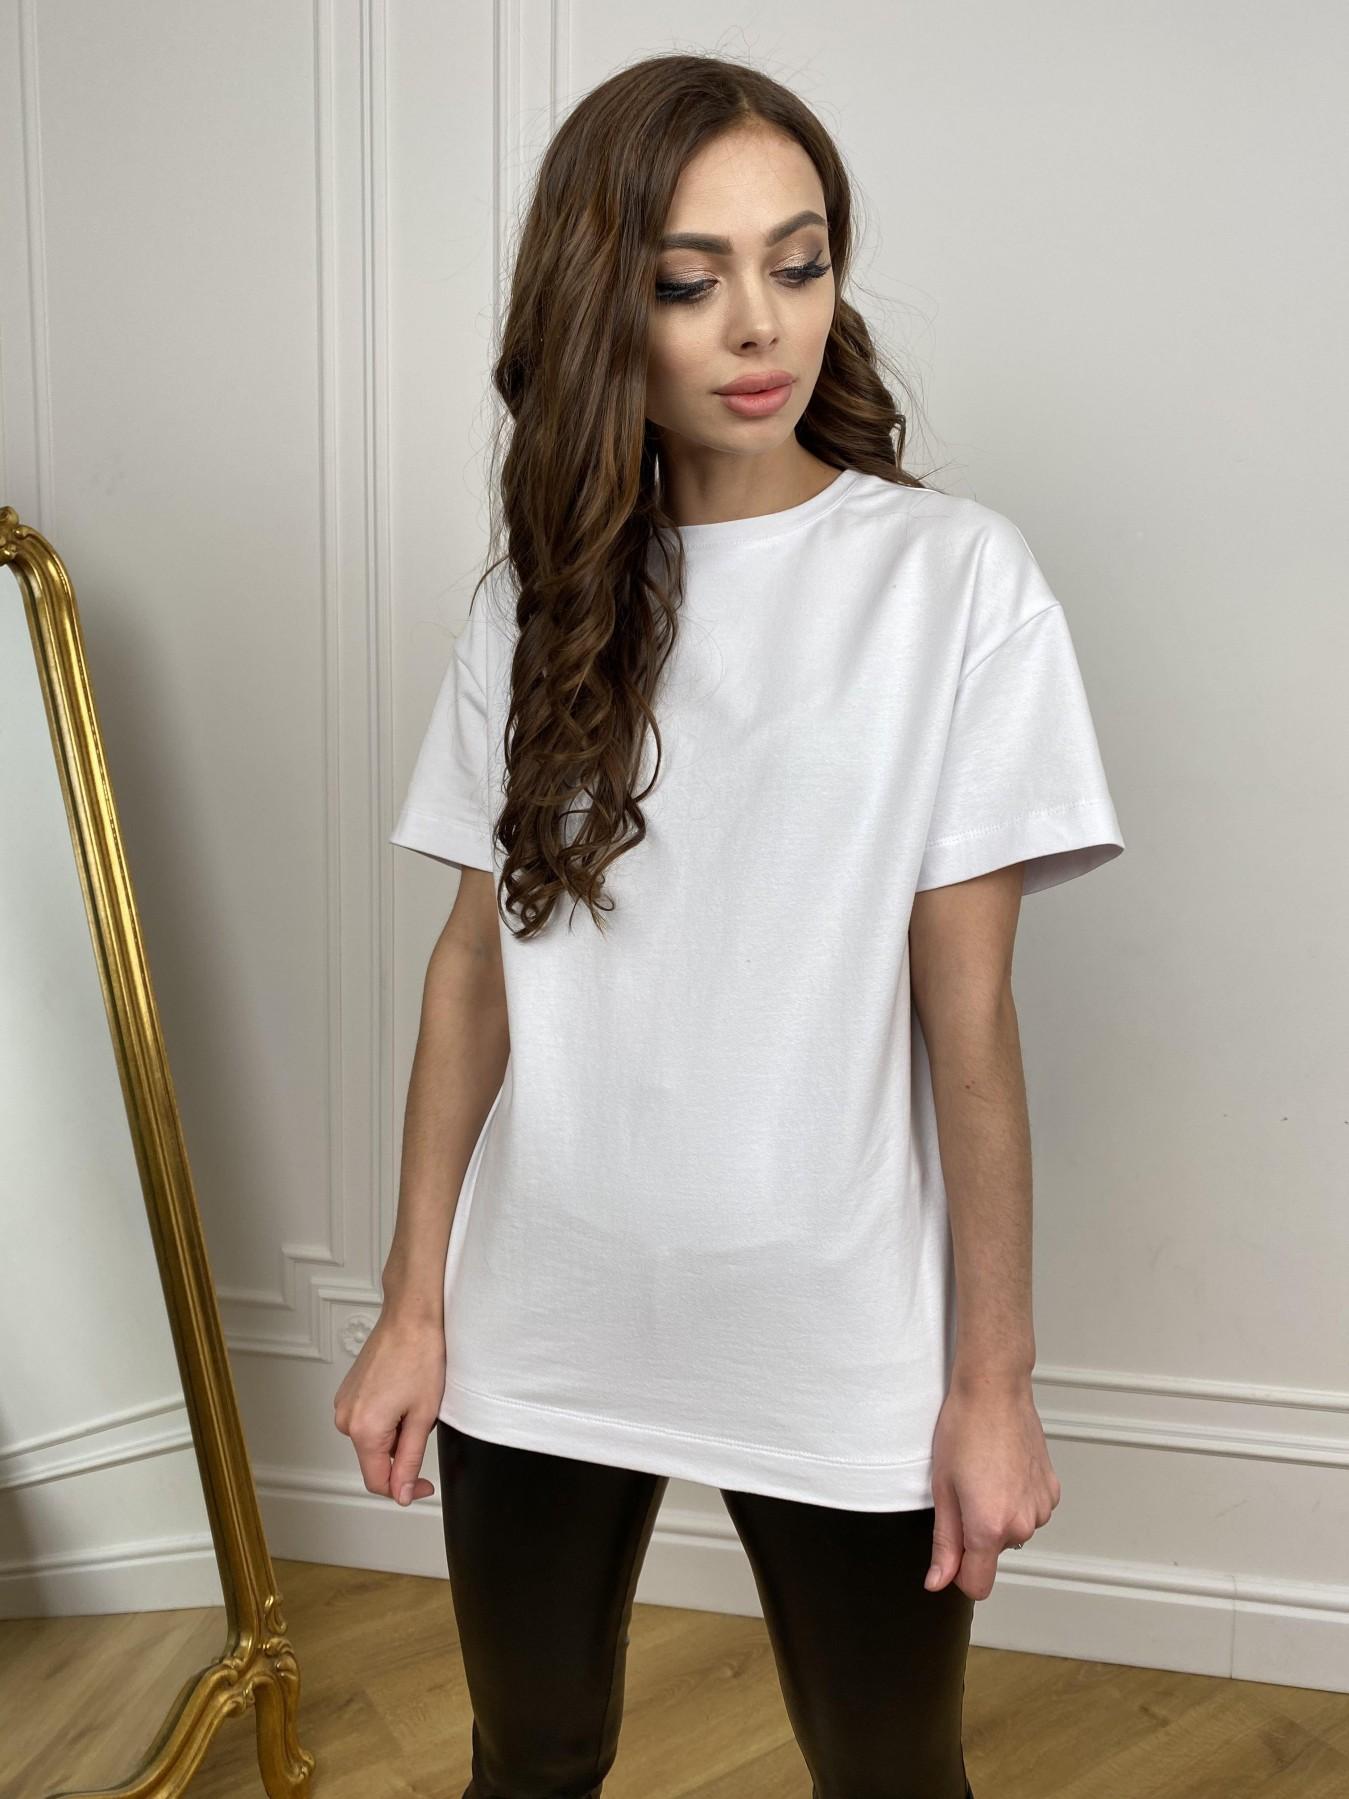 Скипер футболка трикотажная из двунитки  10593 АРТ. 46941 Цвет: Белый - фото 2, интернет магазин tm-modus.ru